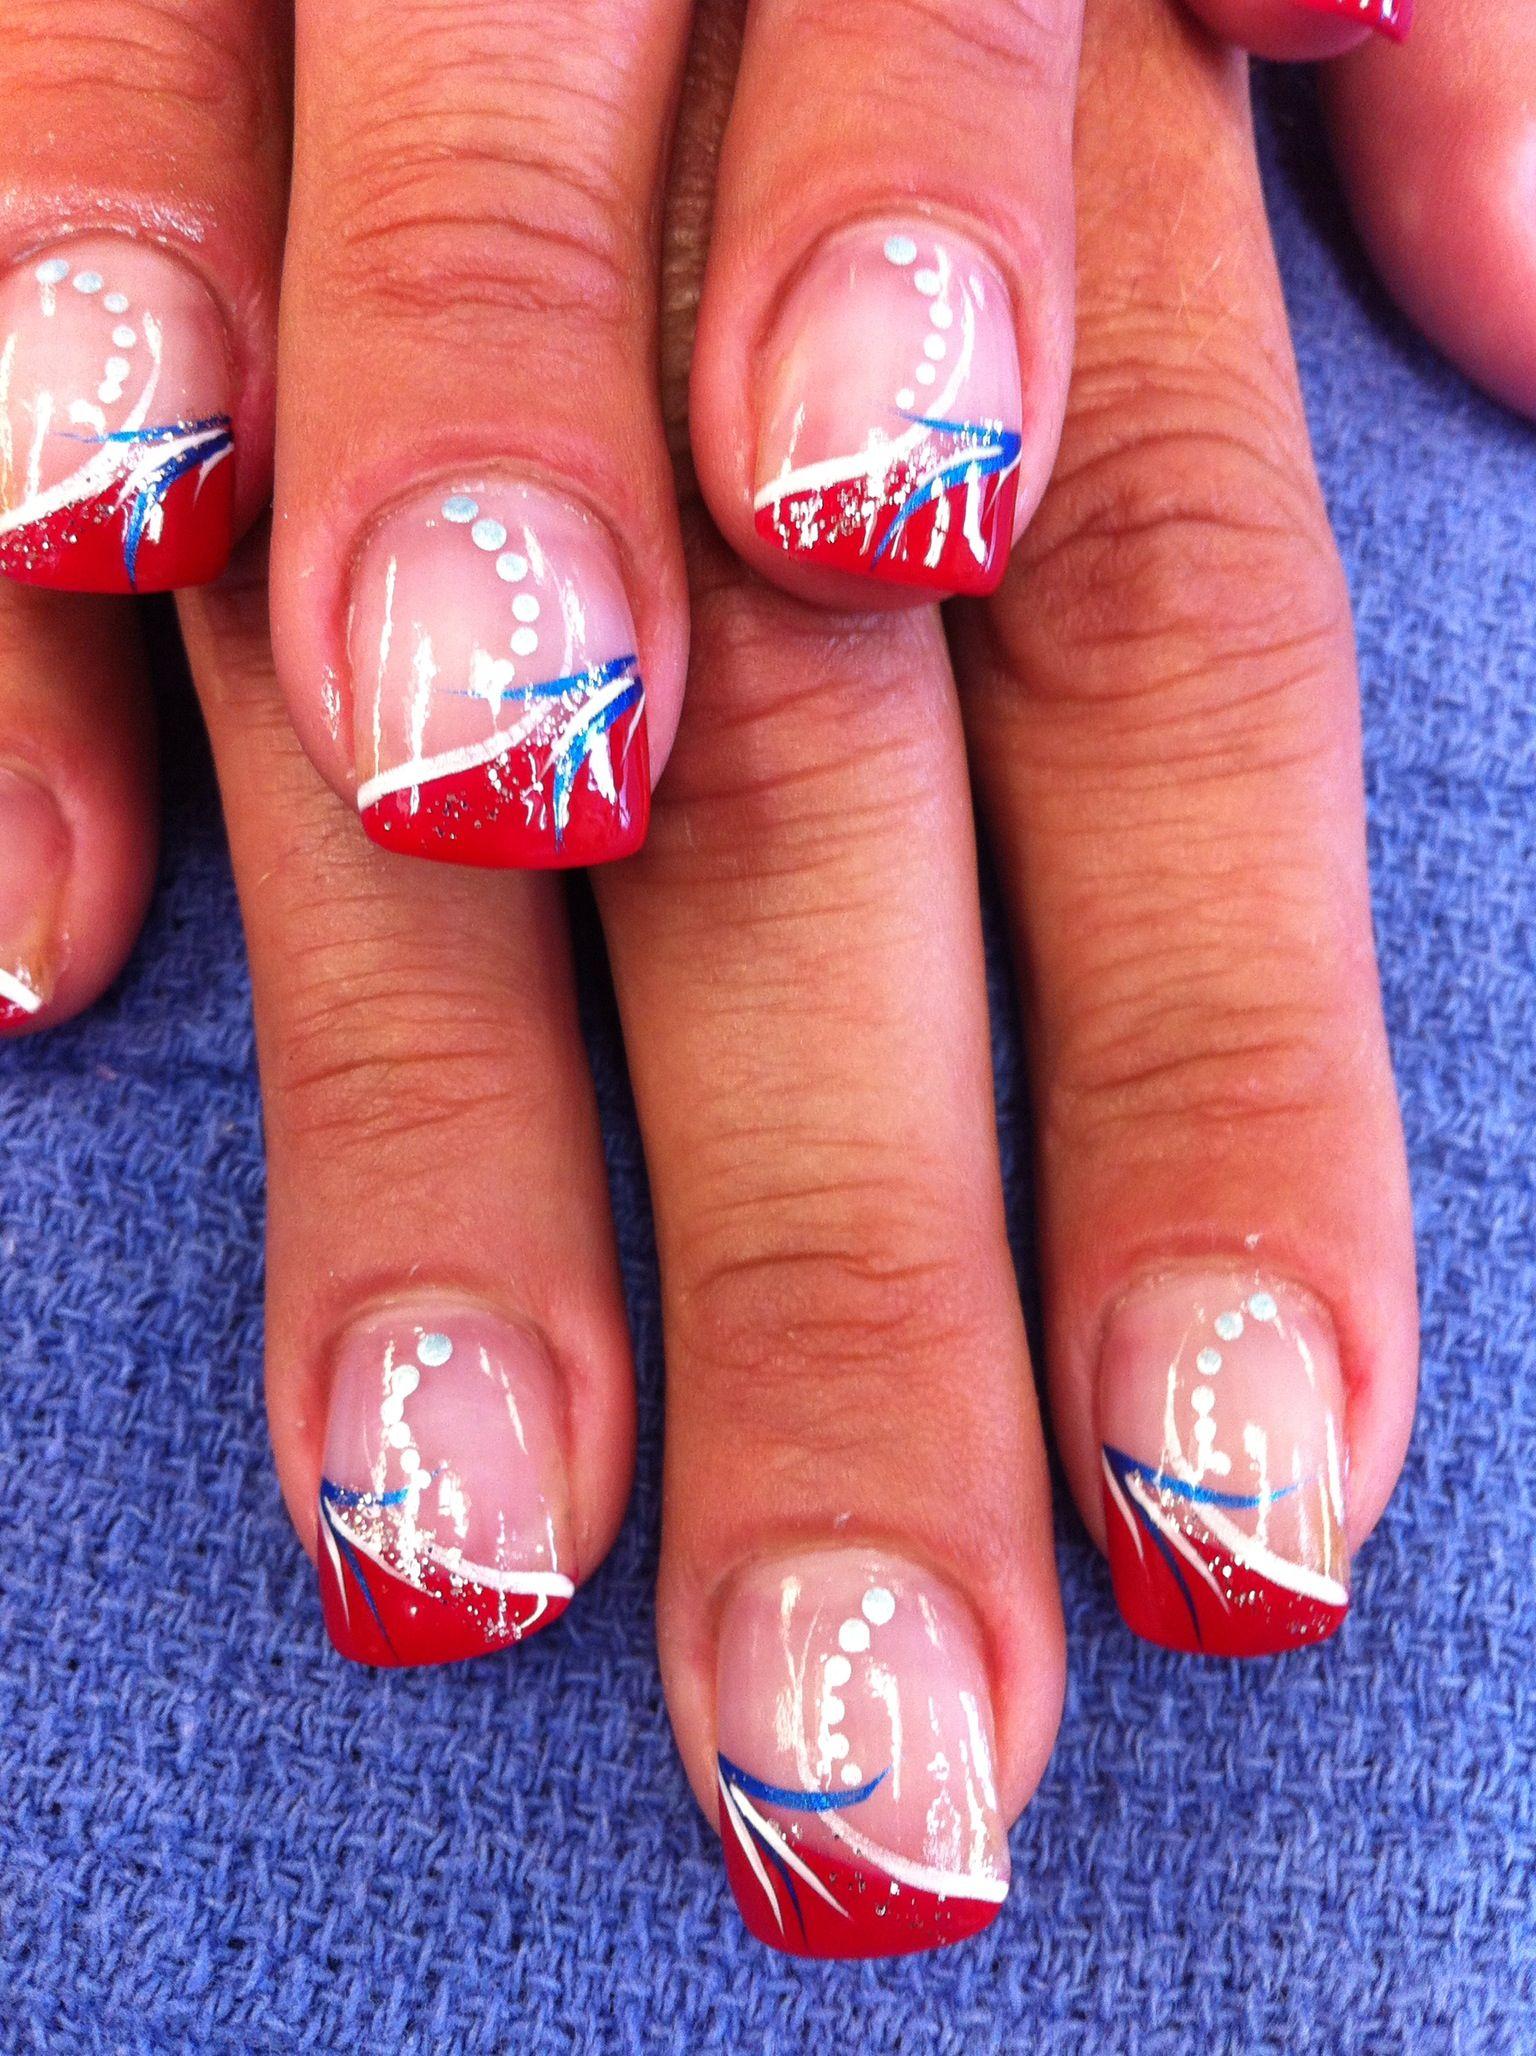 Pin By Nail Art Hacks On Nails 2 Patriotic Nails Design Patriotic Nails Firework Nails